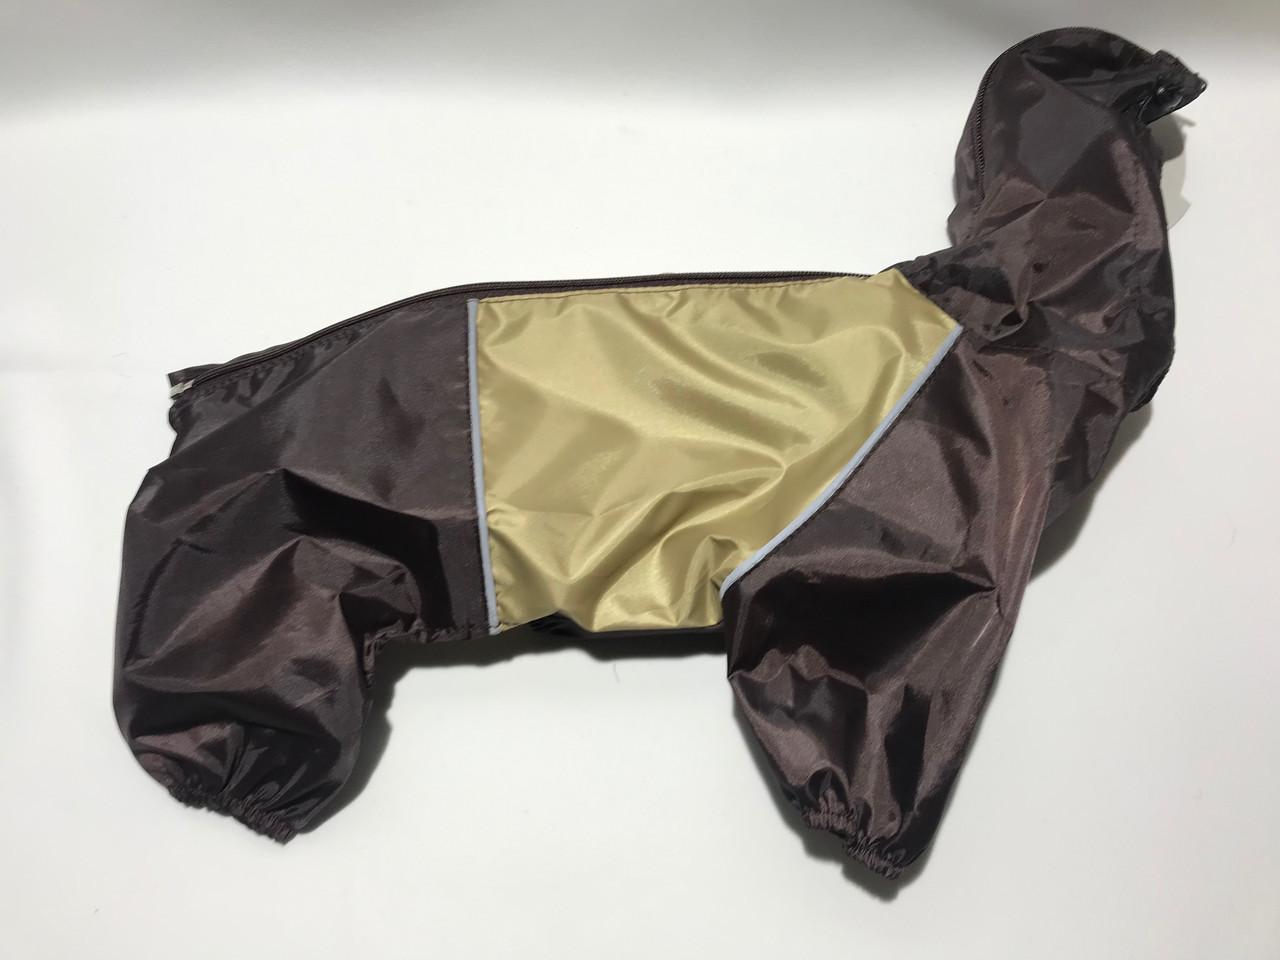 Комбінезон - дощовик 29 см розм 1 з капюшоном коричневий/бежевий для собак